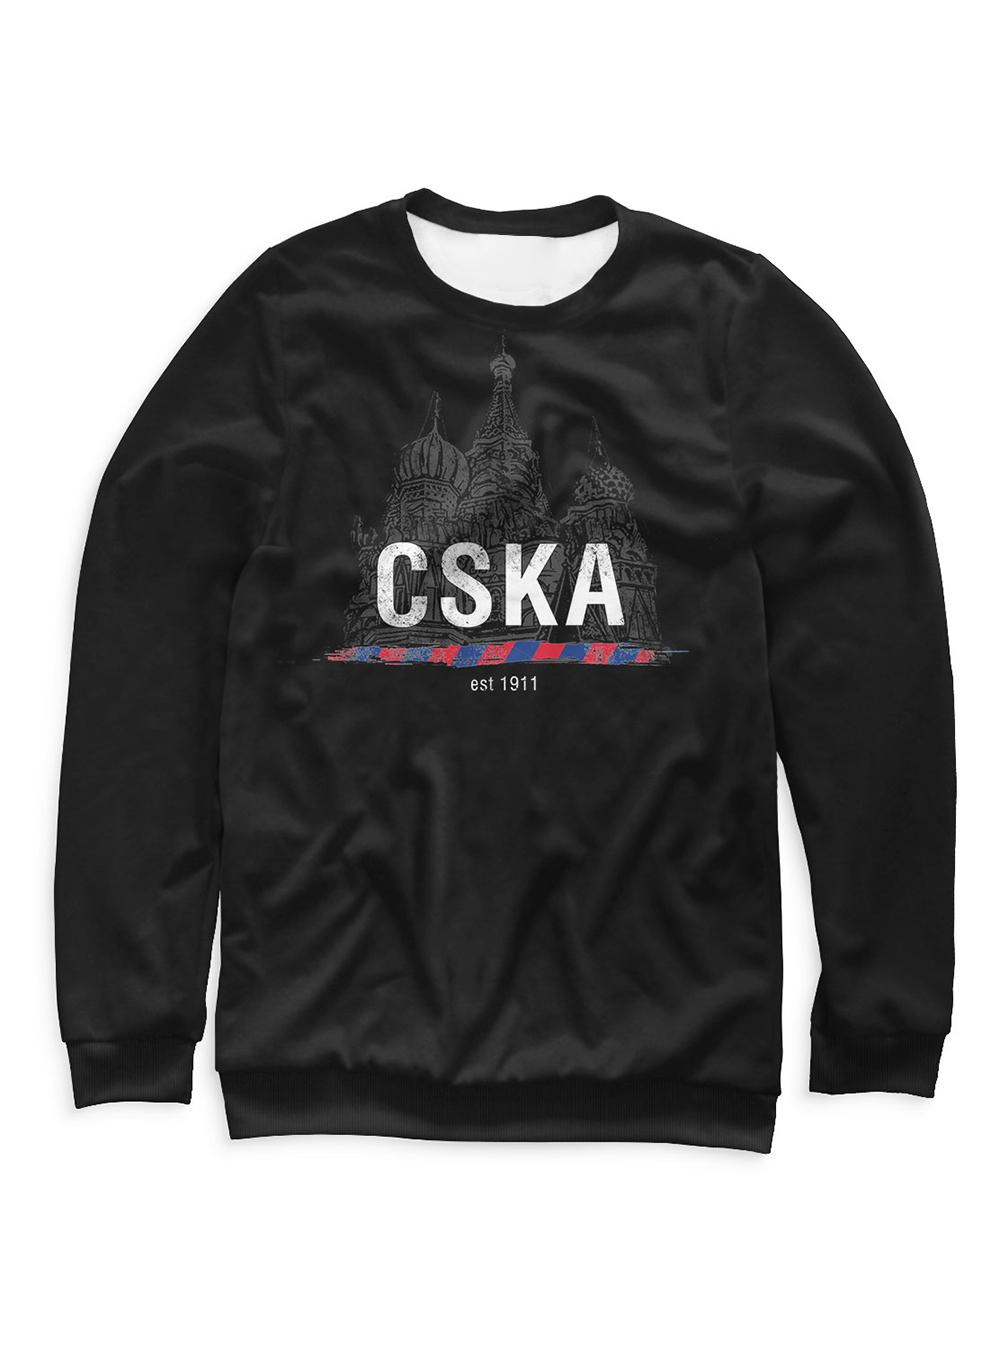 Купить Свитшот мужской «CSKA 1911», цвет черный (XXL) по Нижнему Новгороду